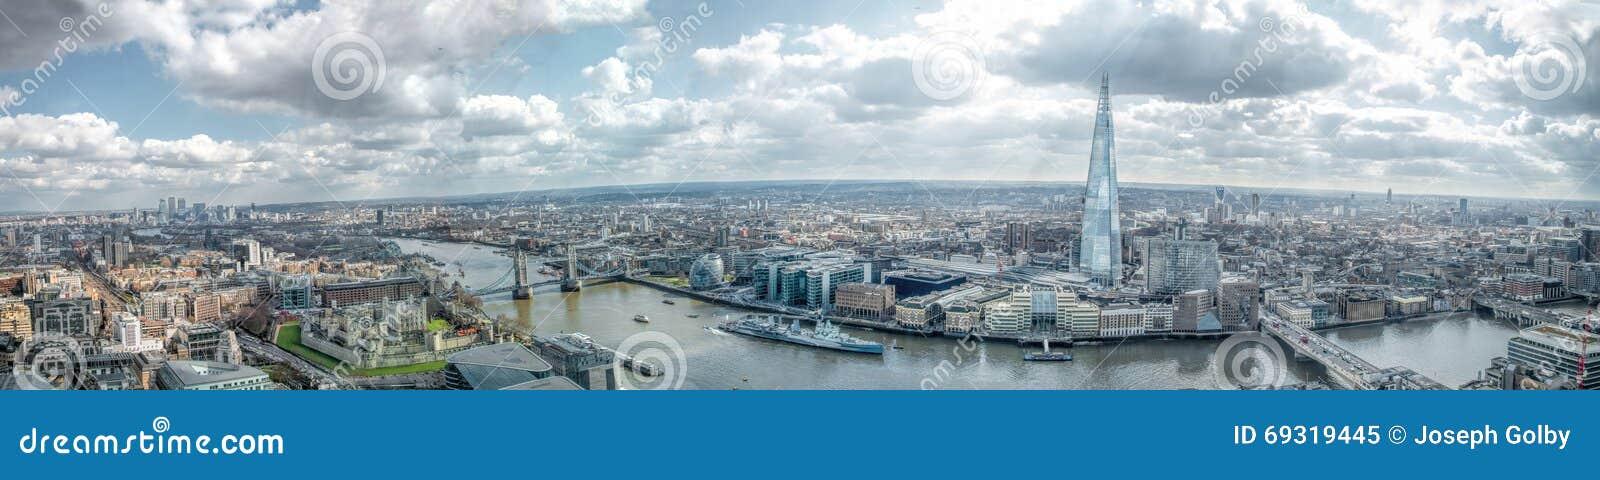 伦敦地平线宽视图全景 东部&南地标,伦敦塔,泰晤士河金丝雀码头,碎片,伦敦桥